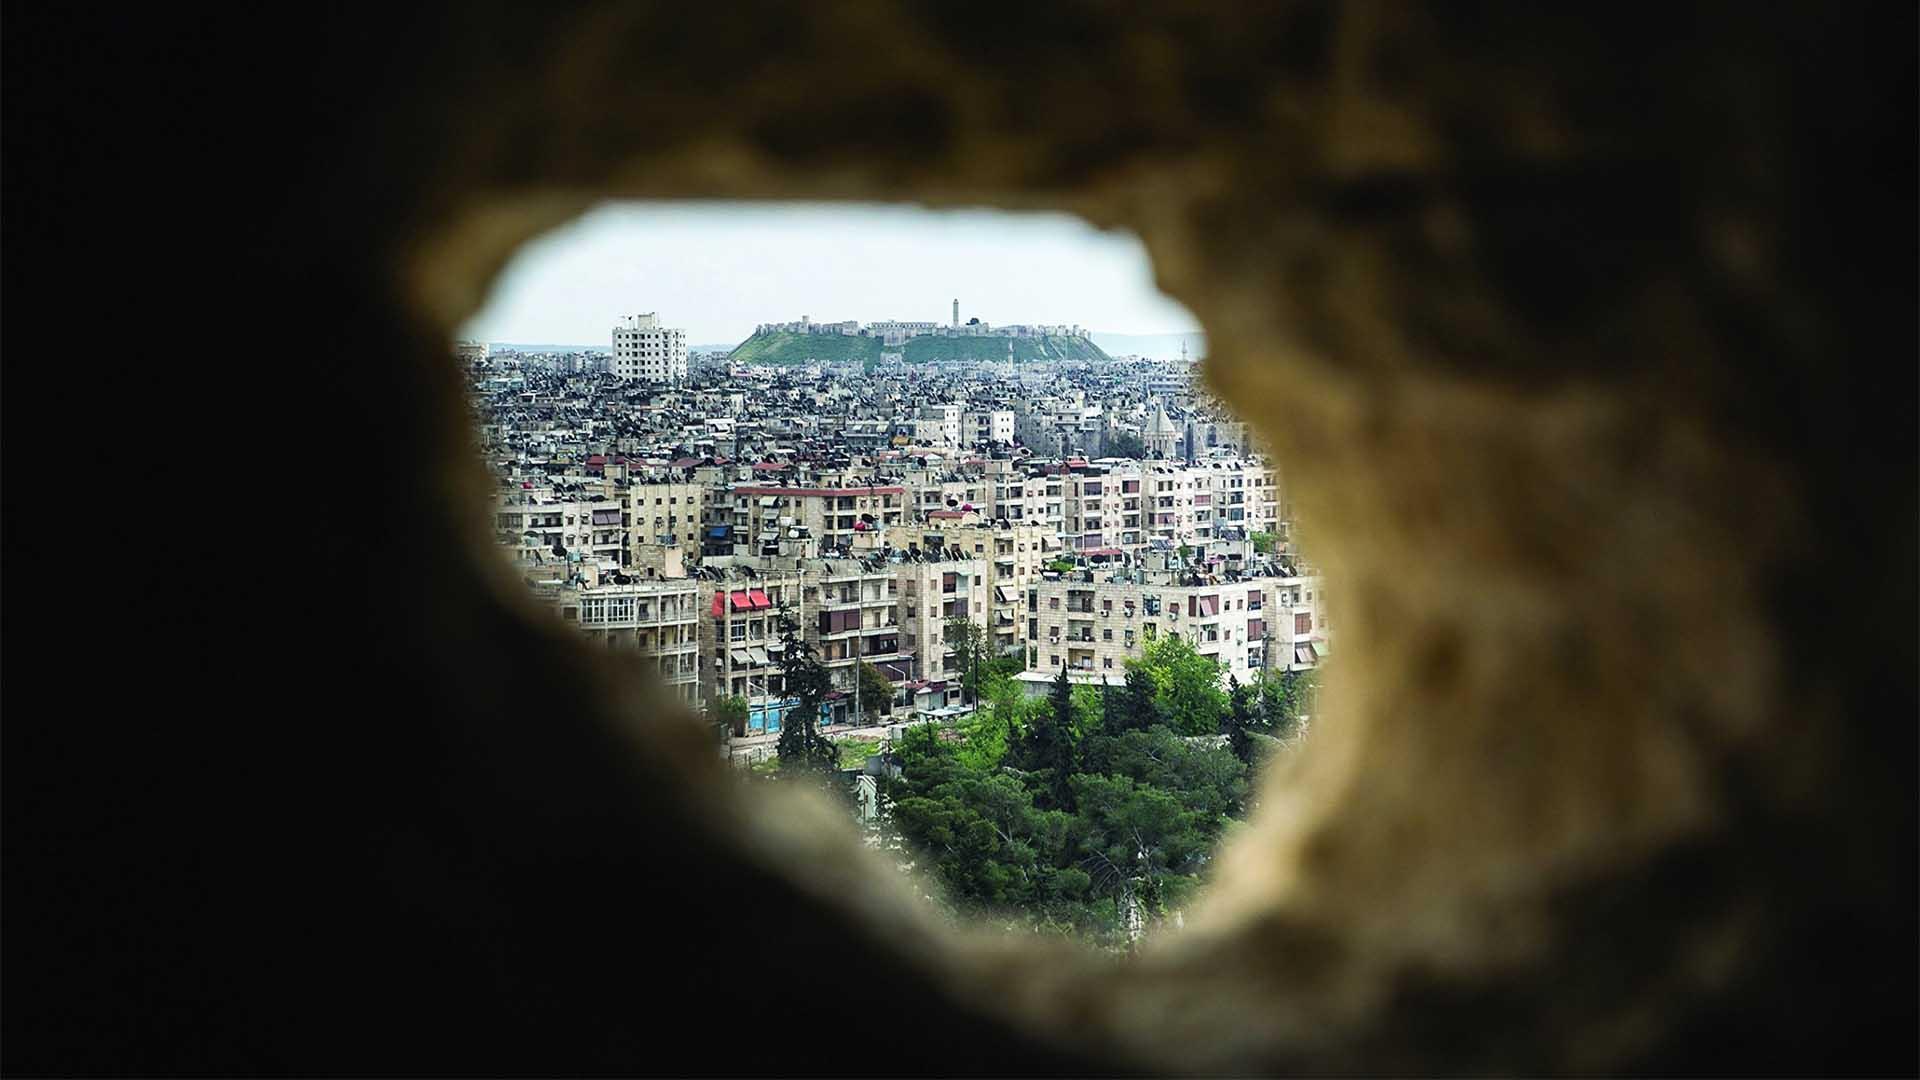 صيانة المشروع الوطني السوري… أو مفهوم الشجاعة الوطنية